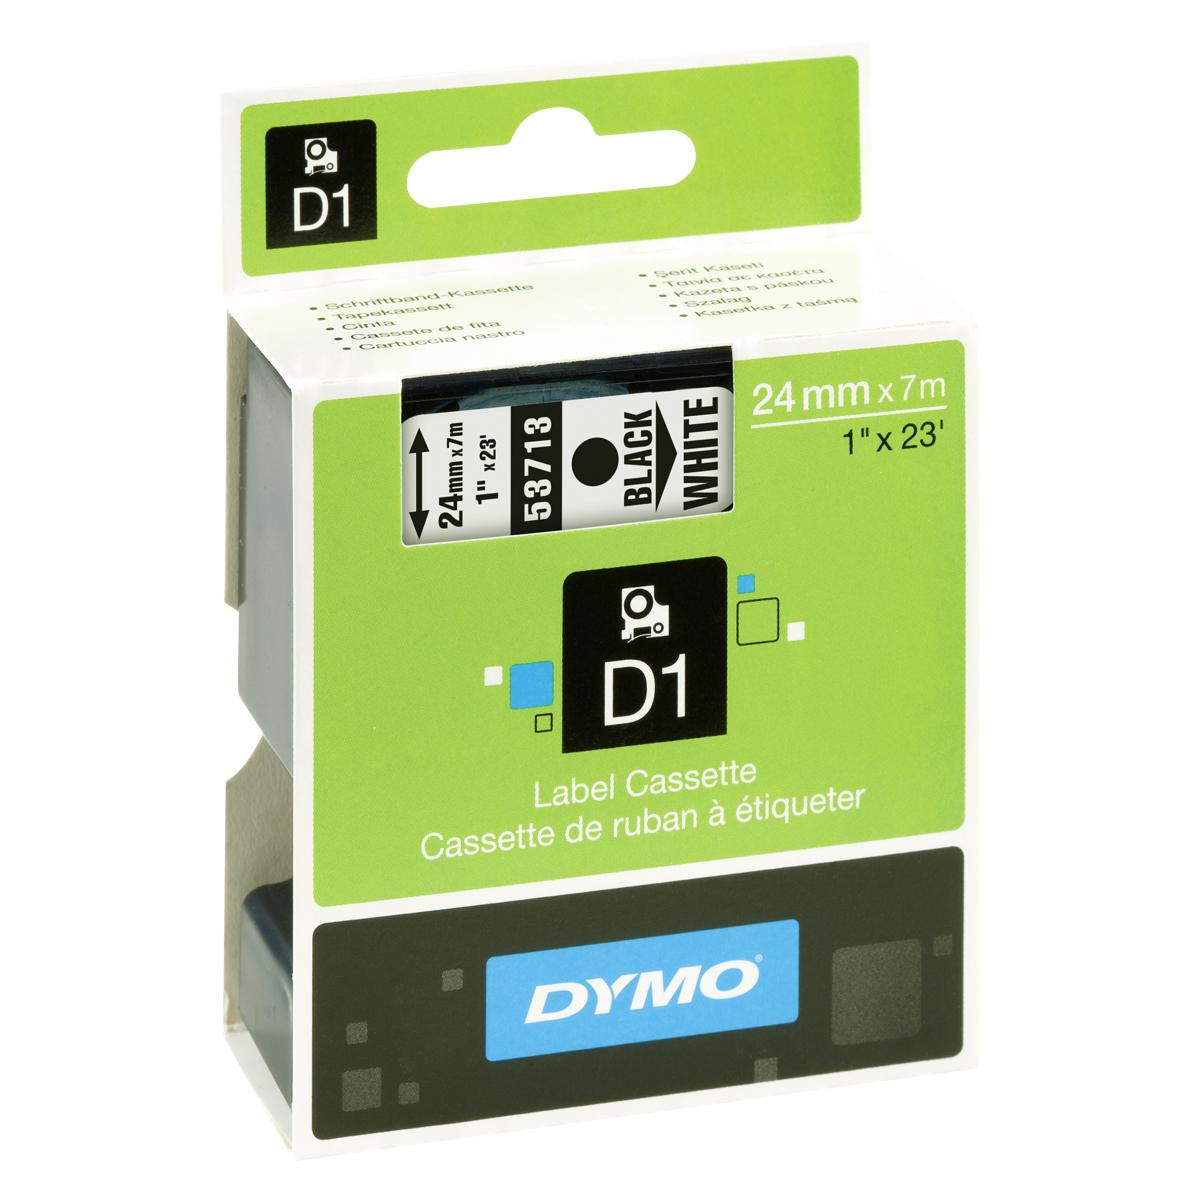 Dymo D1-Schriftband 24mm x 7m schwarz auf weiß